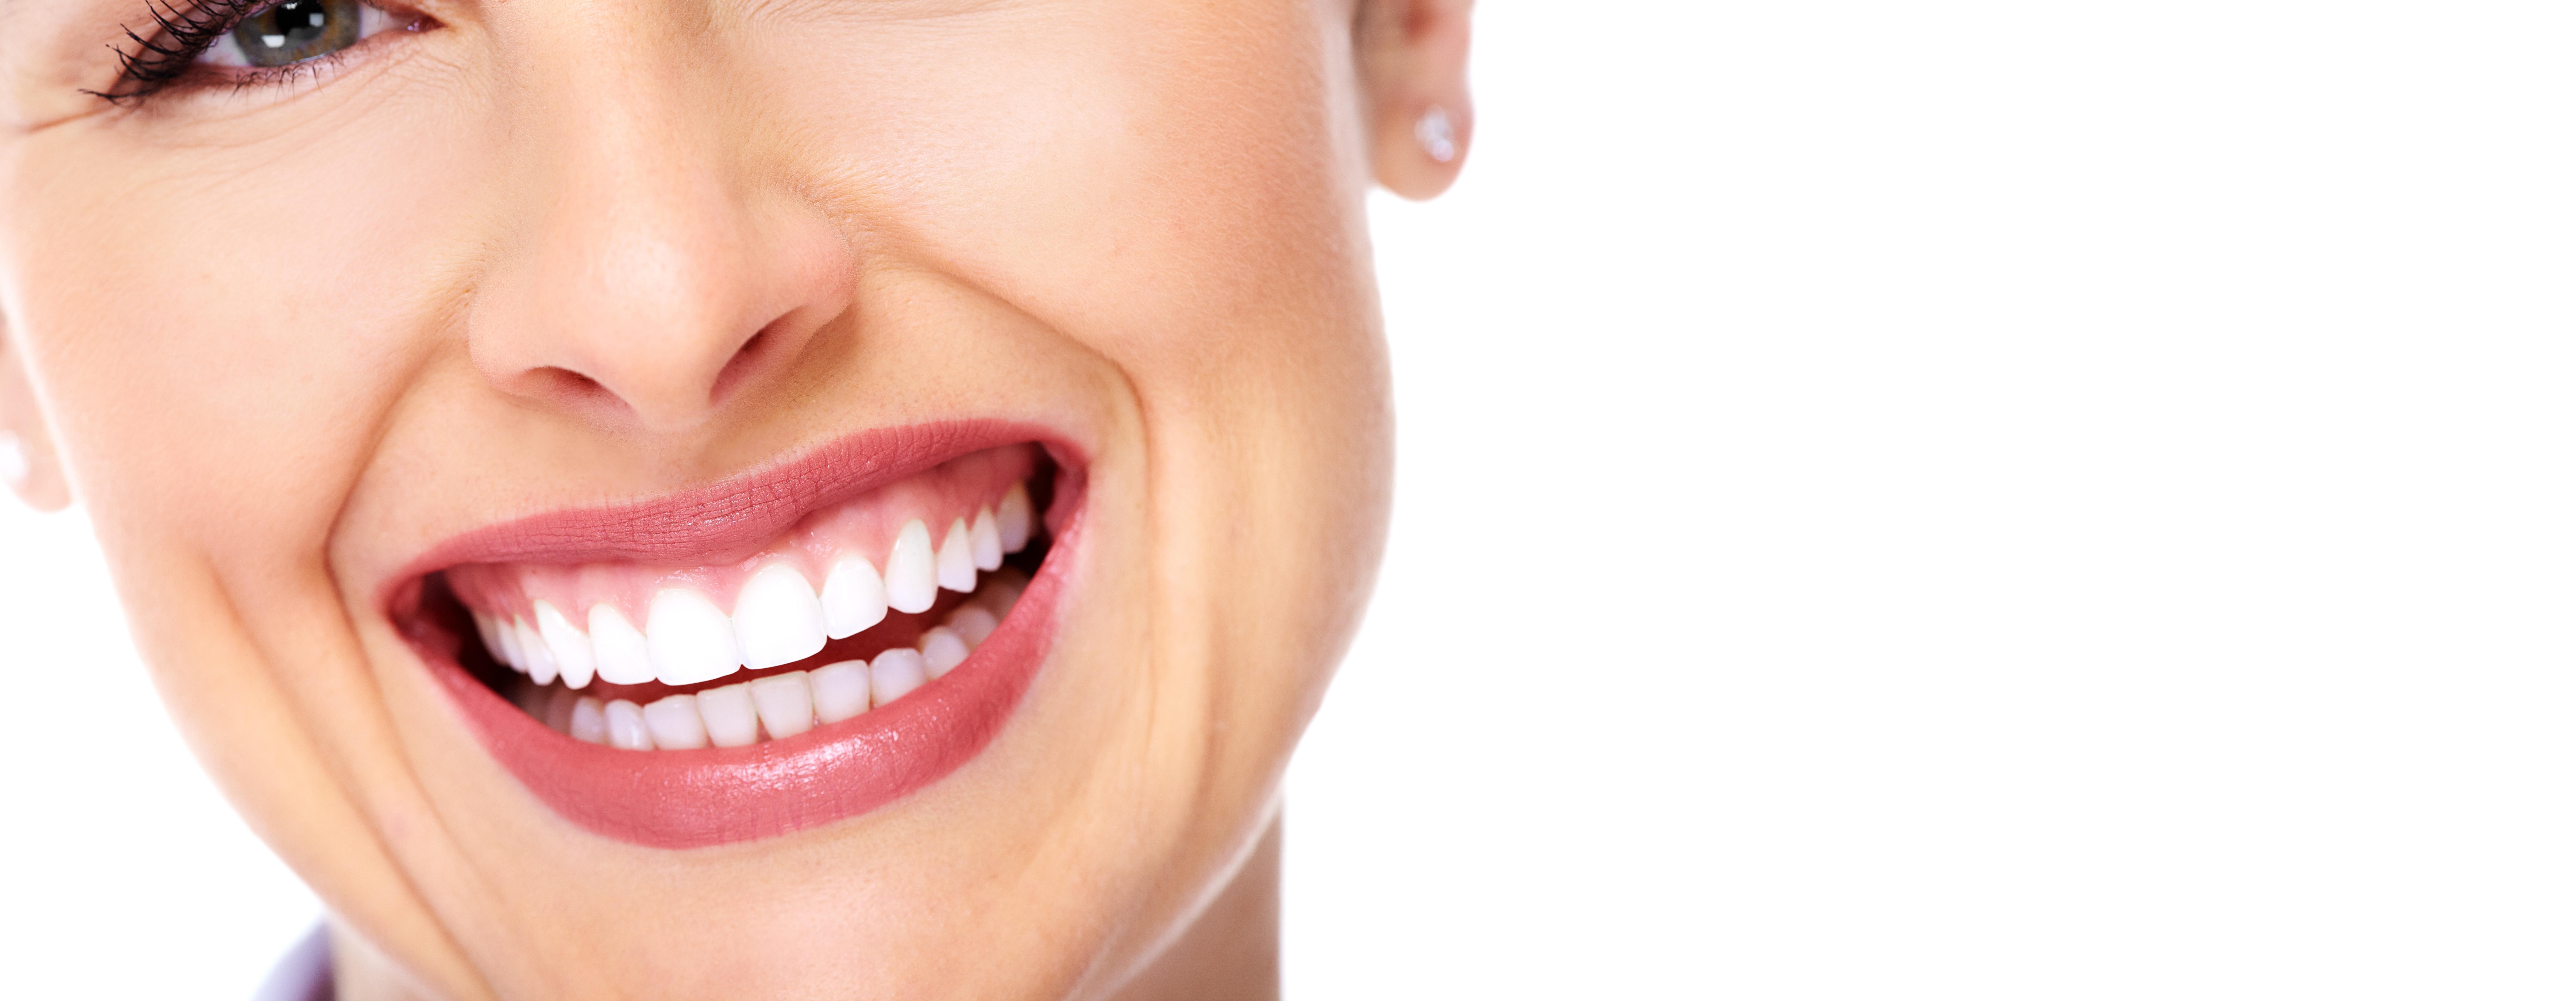 Saiba Mais Sobre As Glândulas Salivares e a Saúde da Sua Boca